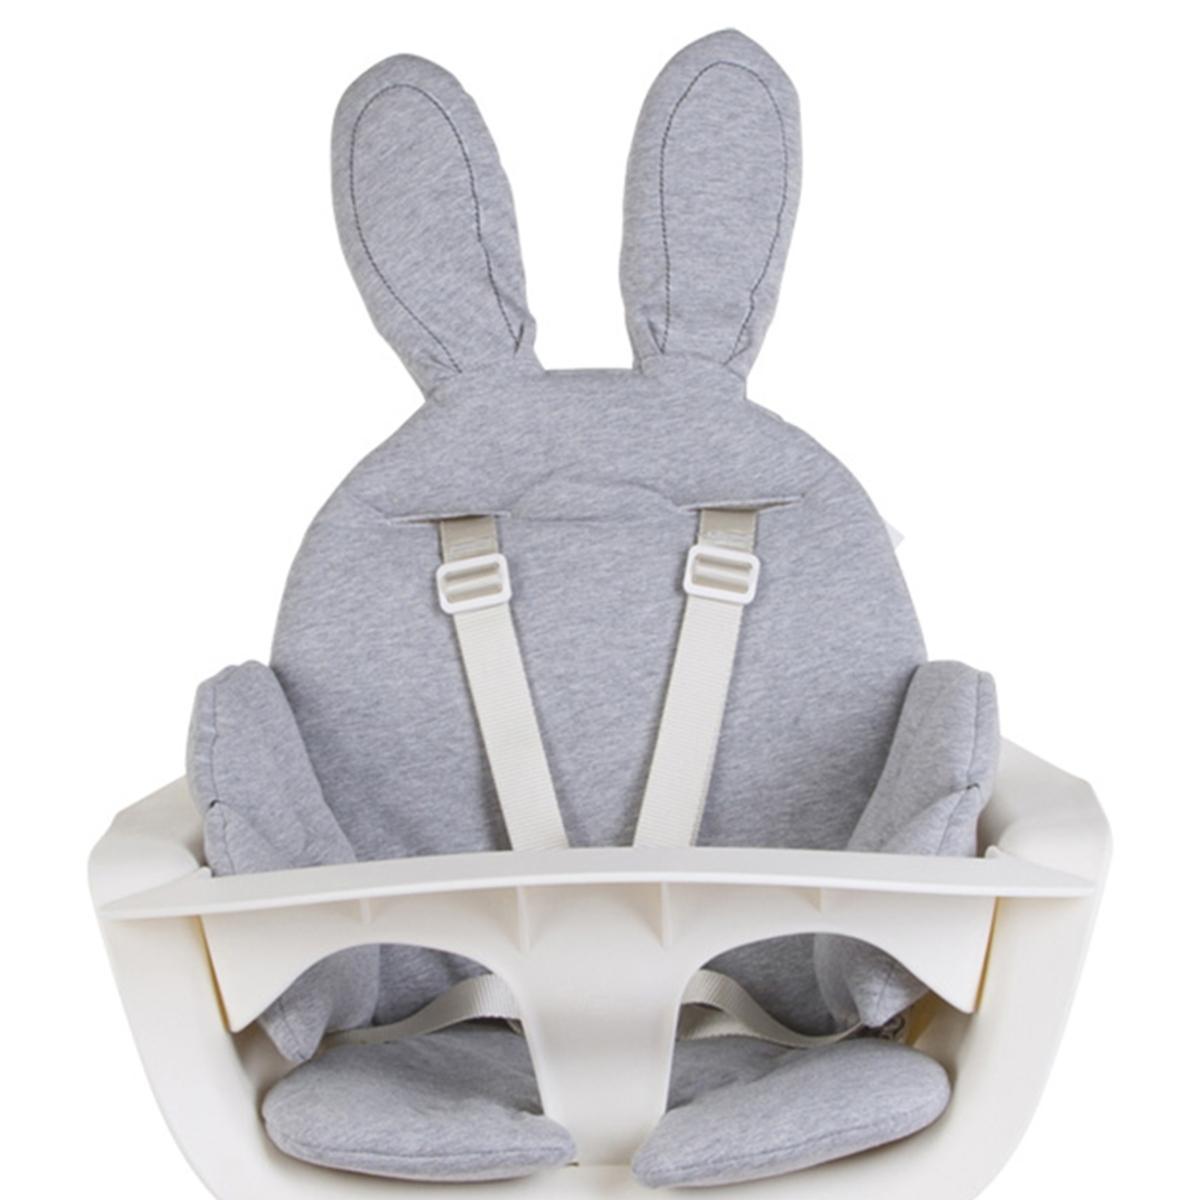 Coussin de chaise haute rabbit